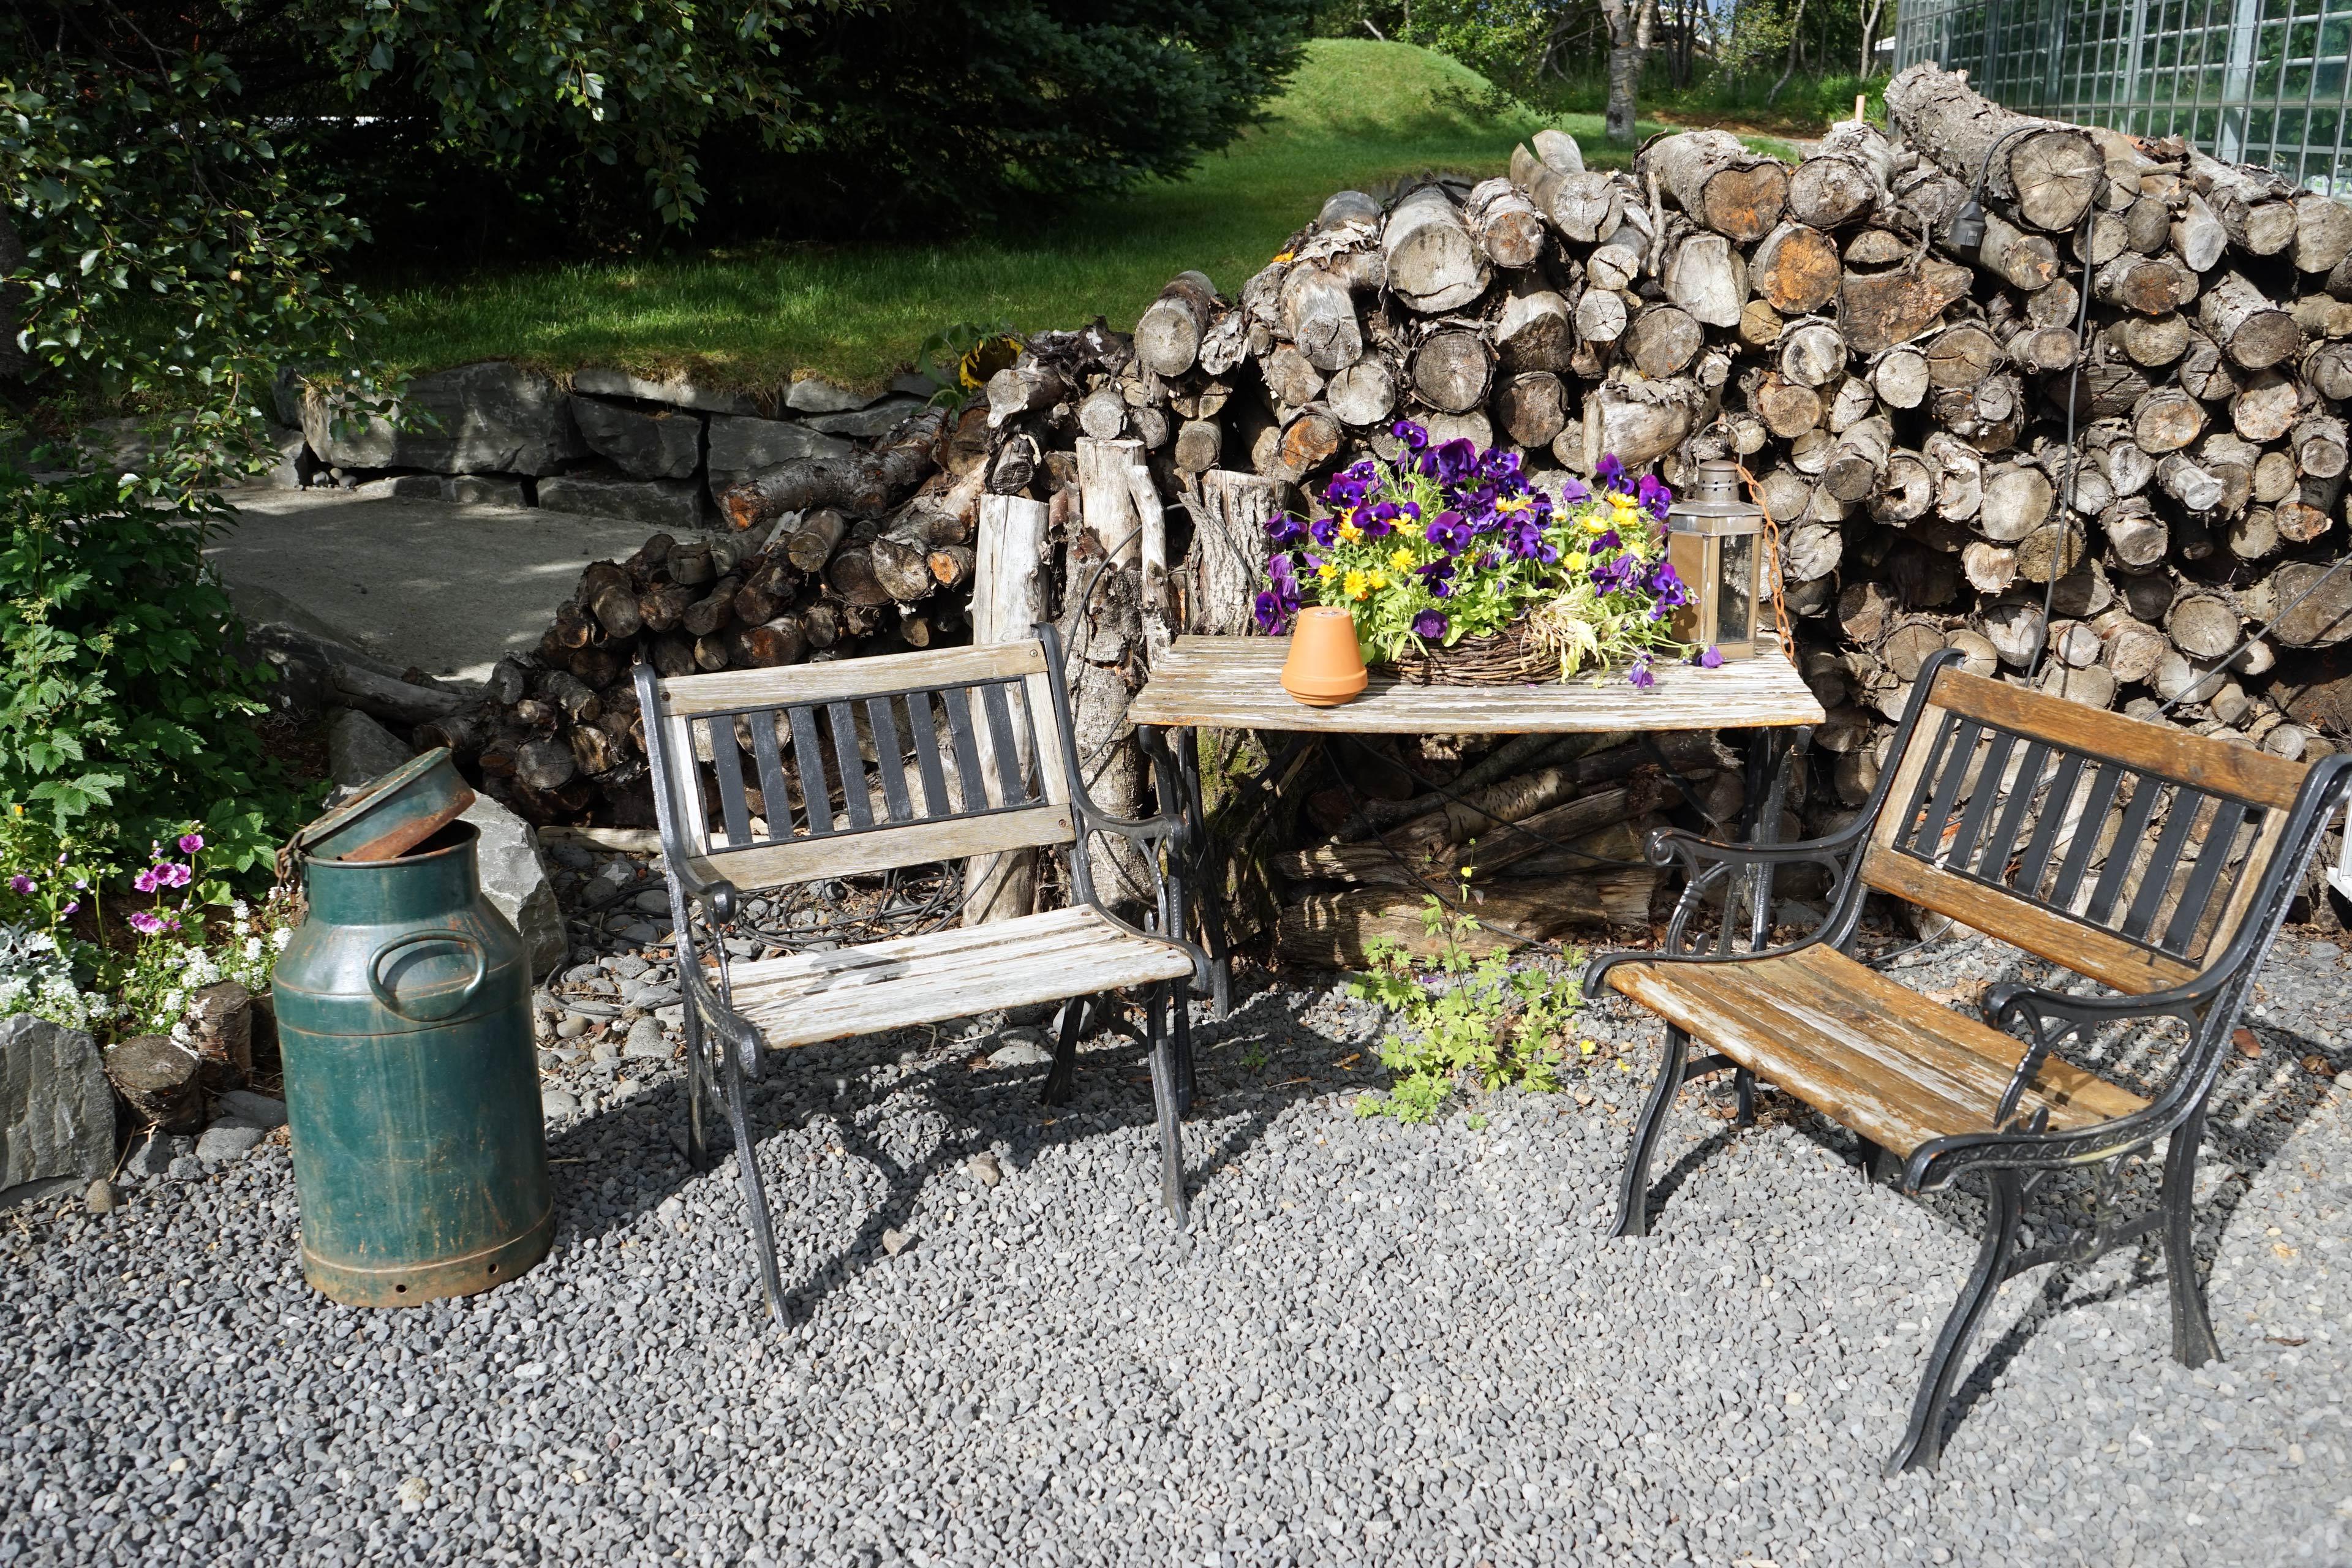 Gartenbau Straubing axel schubert garten und landschaftsbau